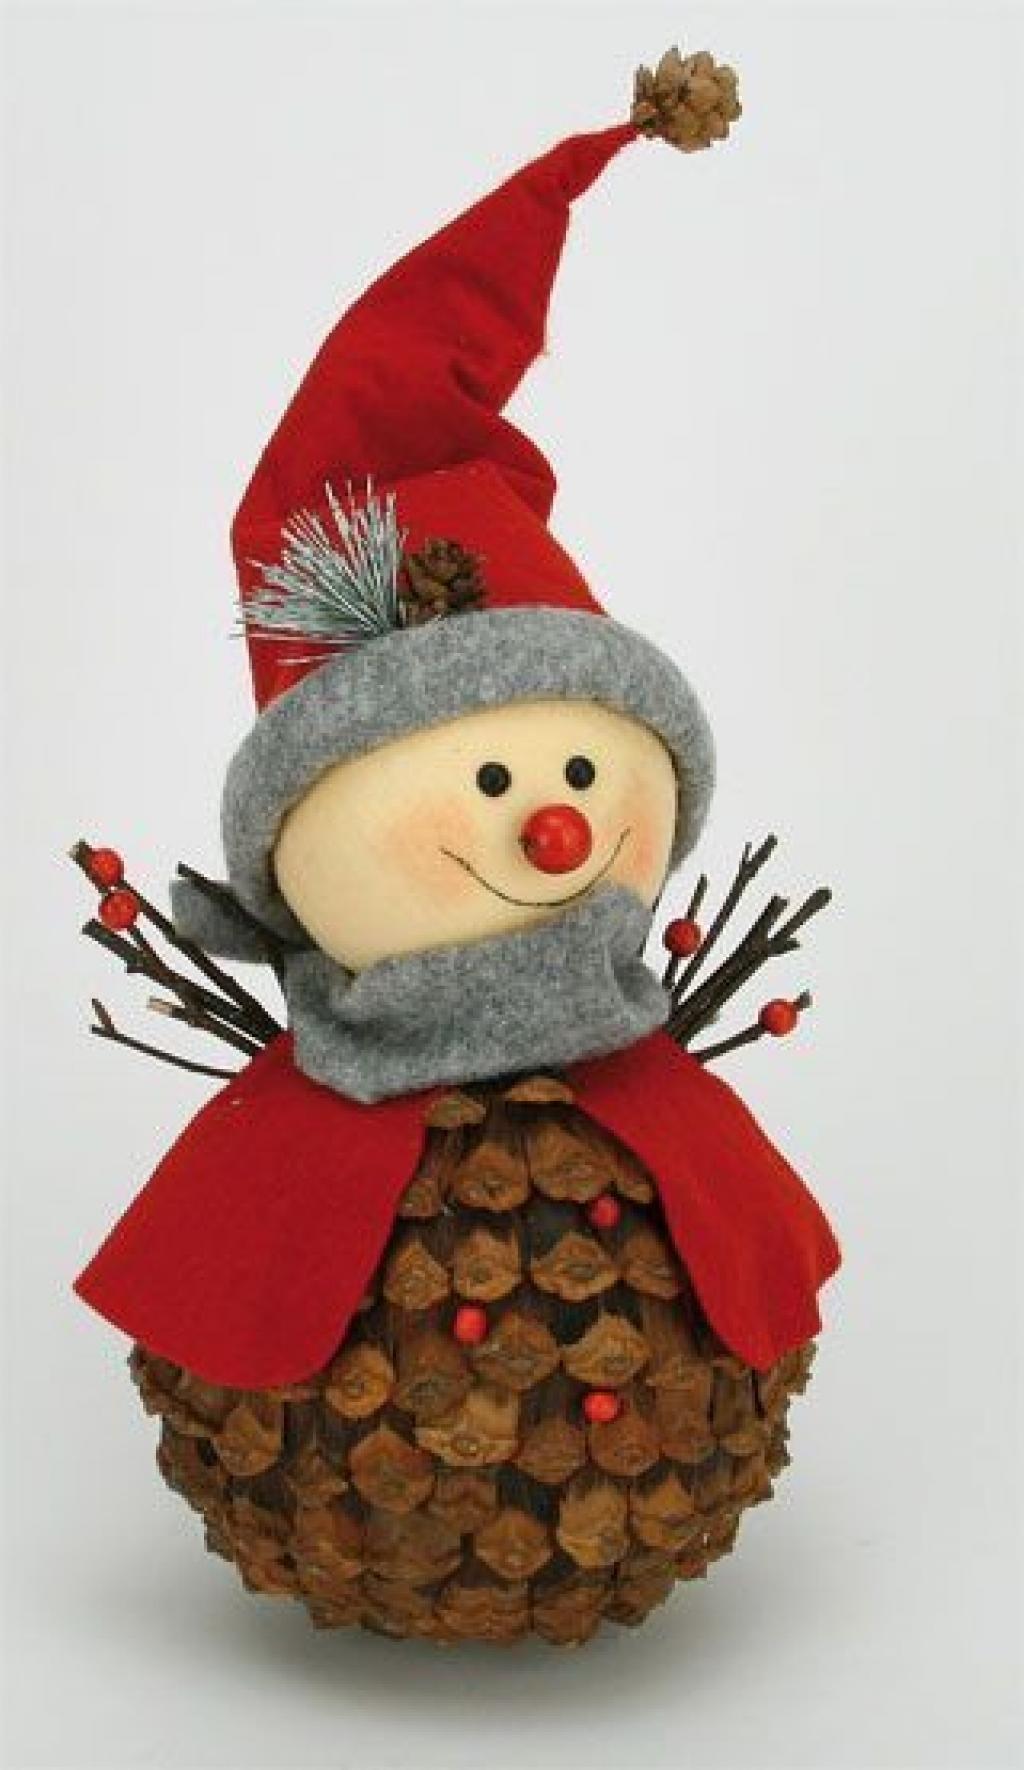 Decorazioni Natalizie Low Cost 15 meravigliose decorazioni natalizie da realizzare con le